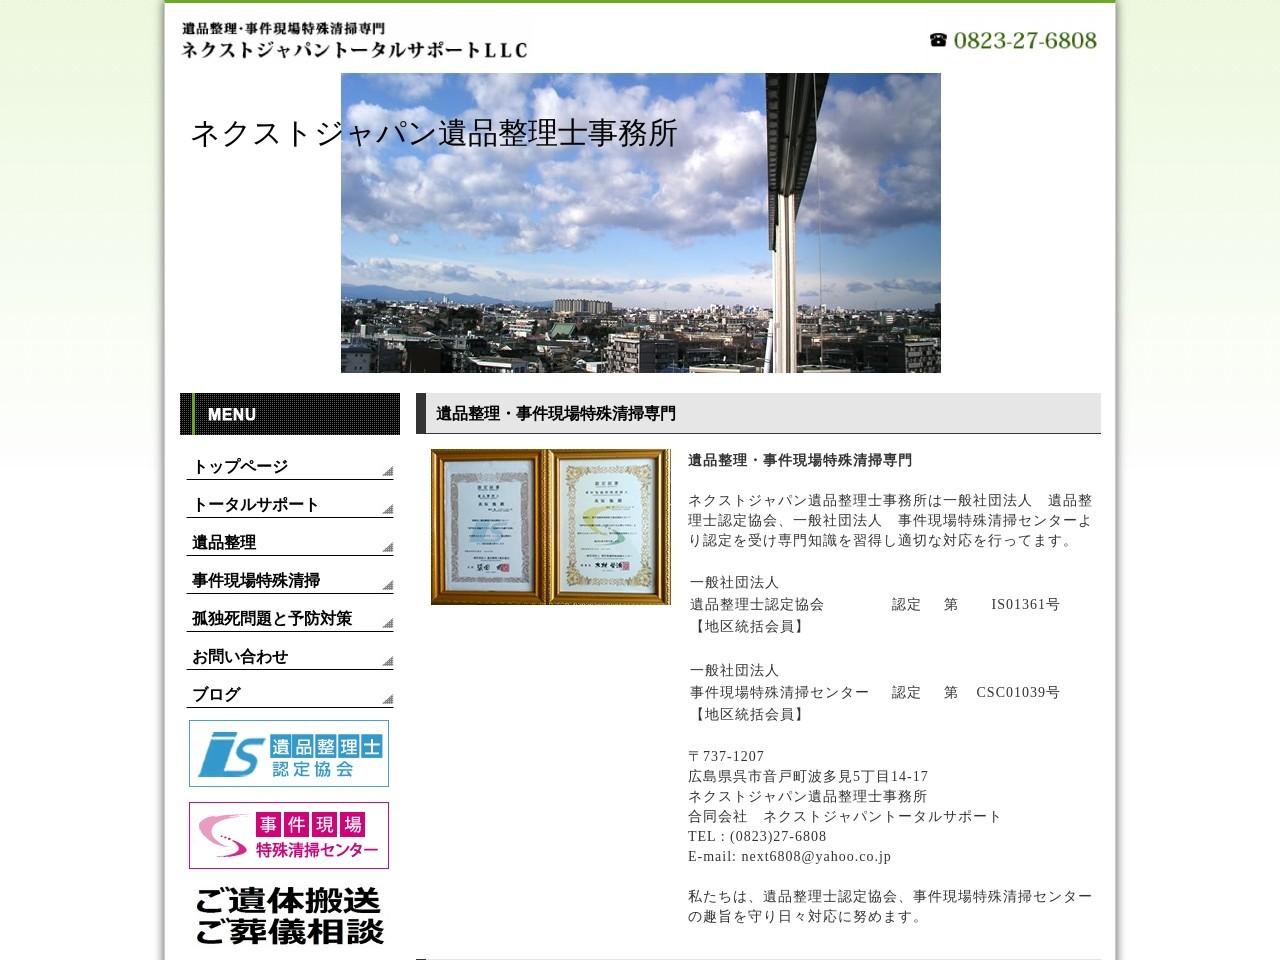 ネクストジャパントータルサポート(合同会社)遺品整理事件現場特殊清掃事業部